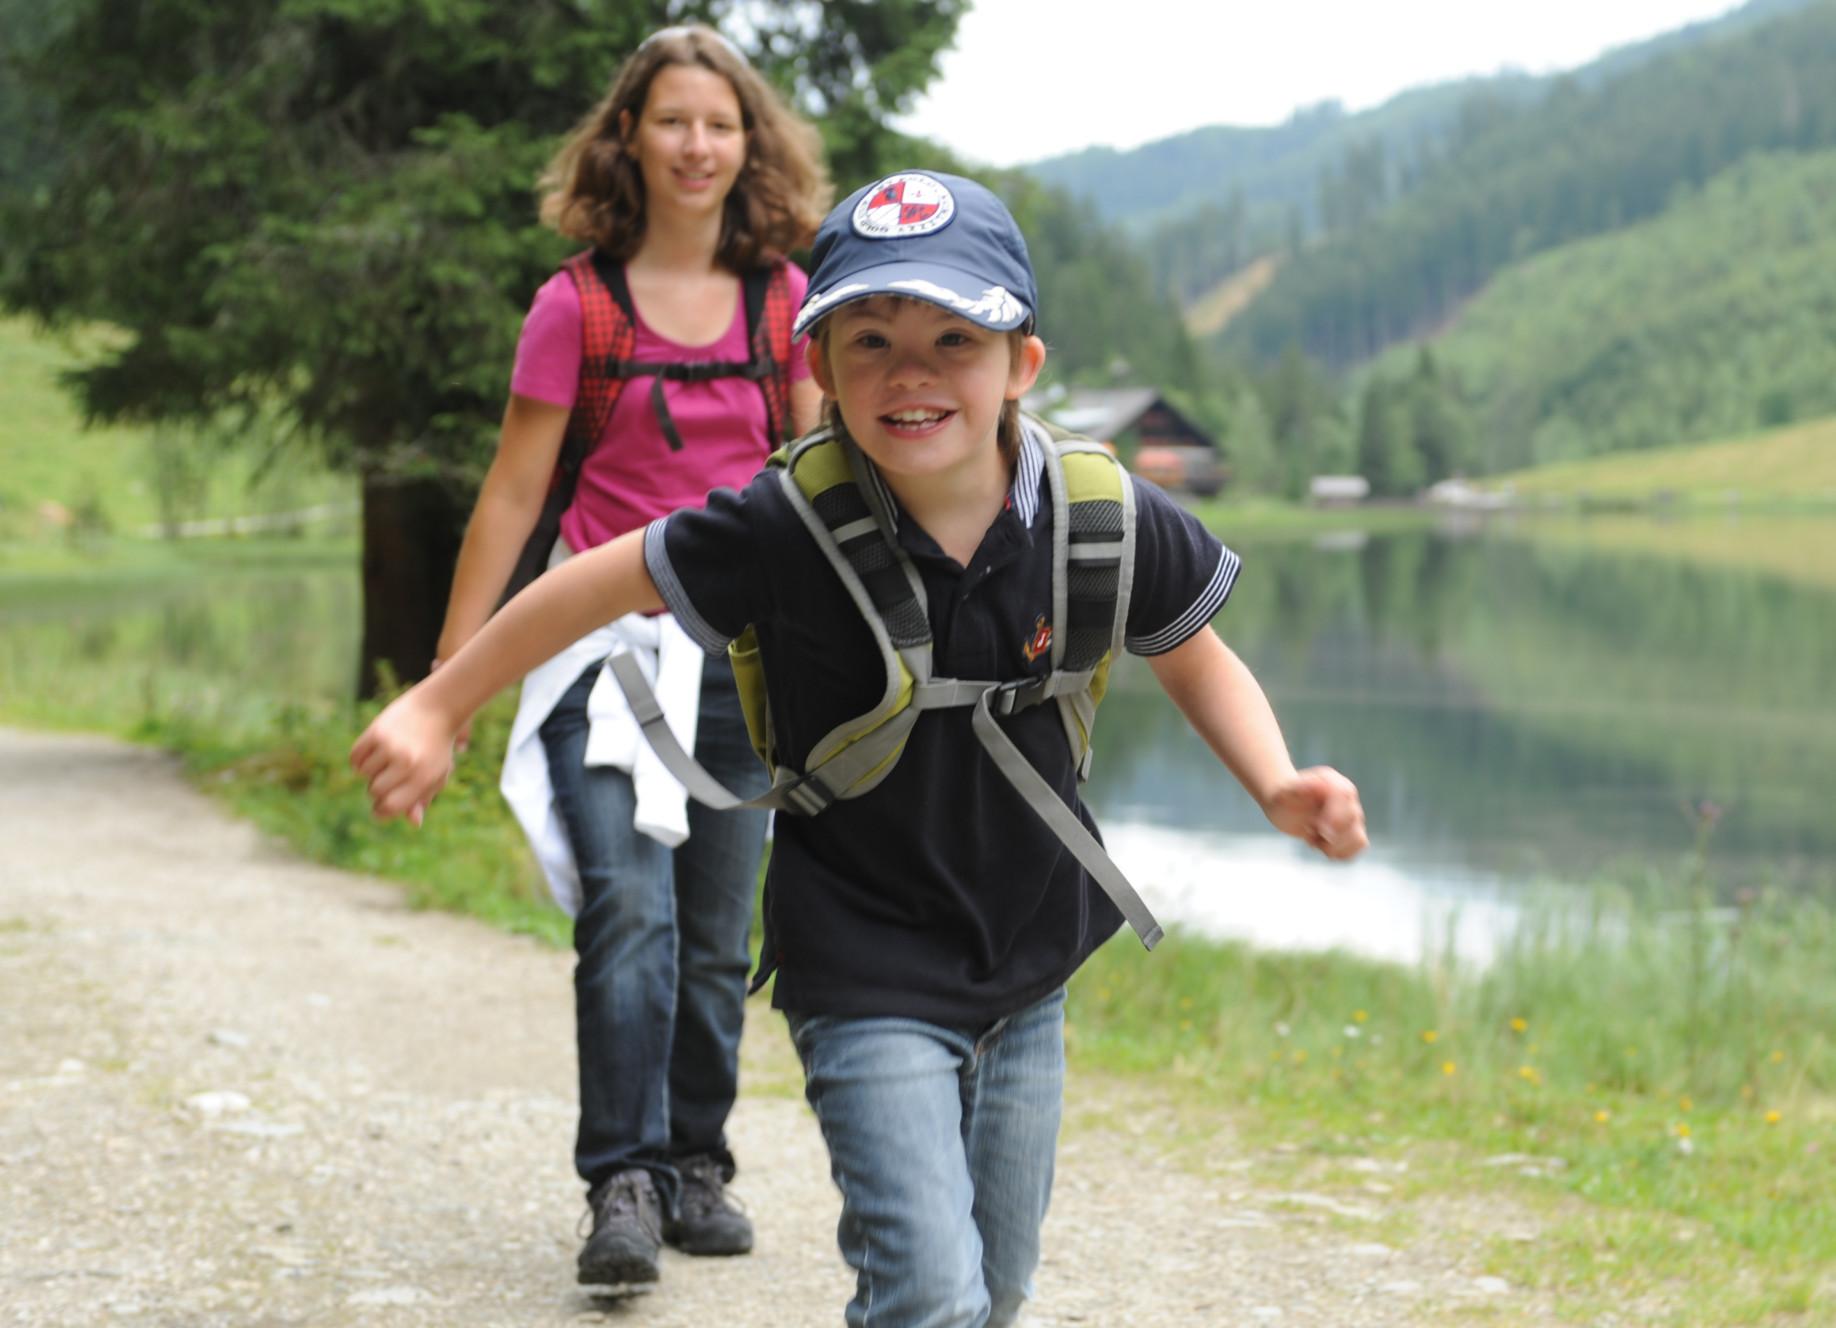 barrierefreier Familien-Urlaub in den Bergen